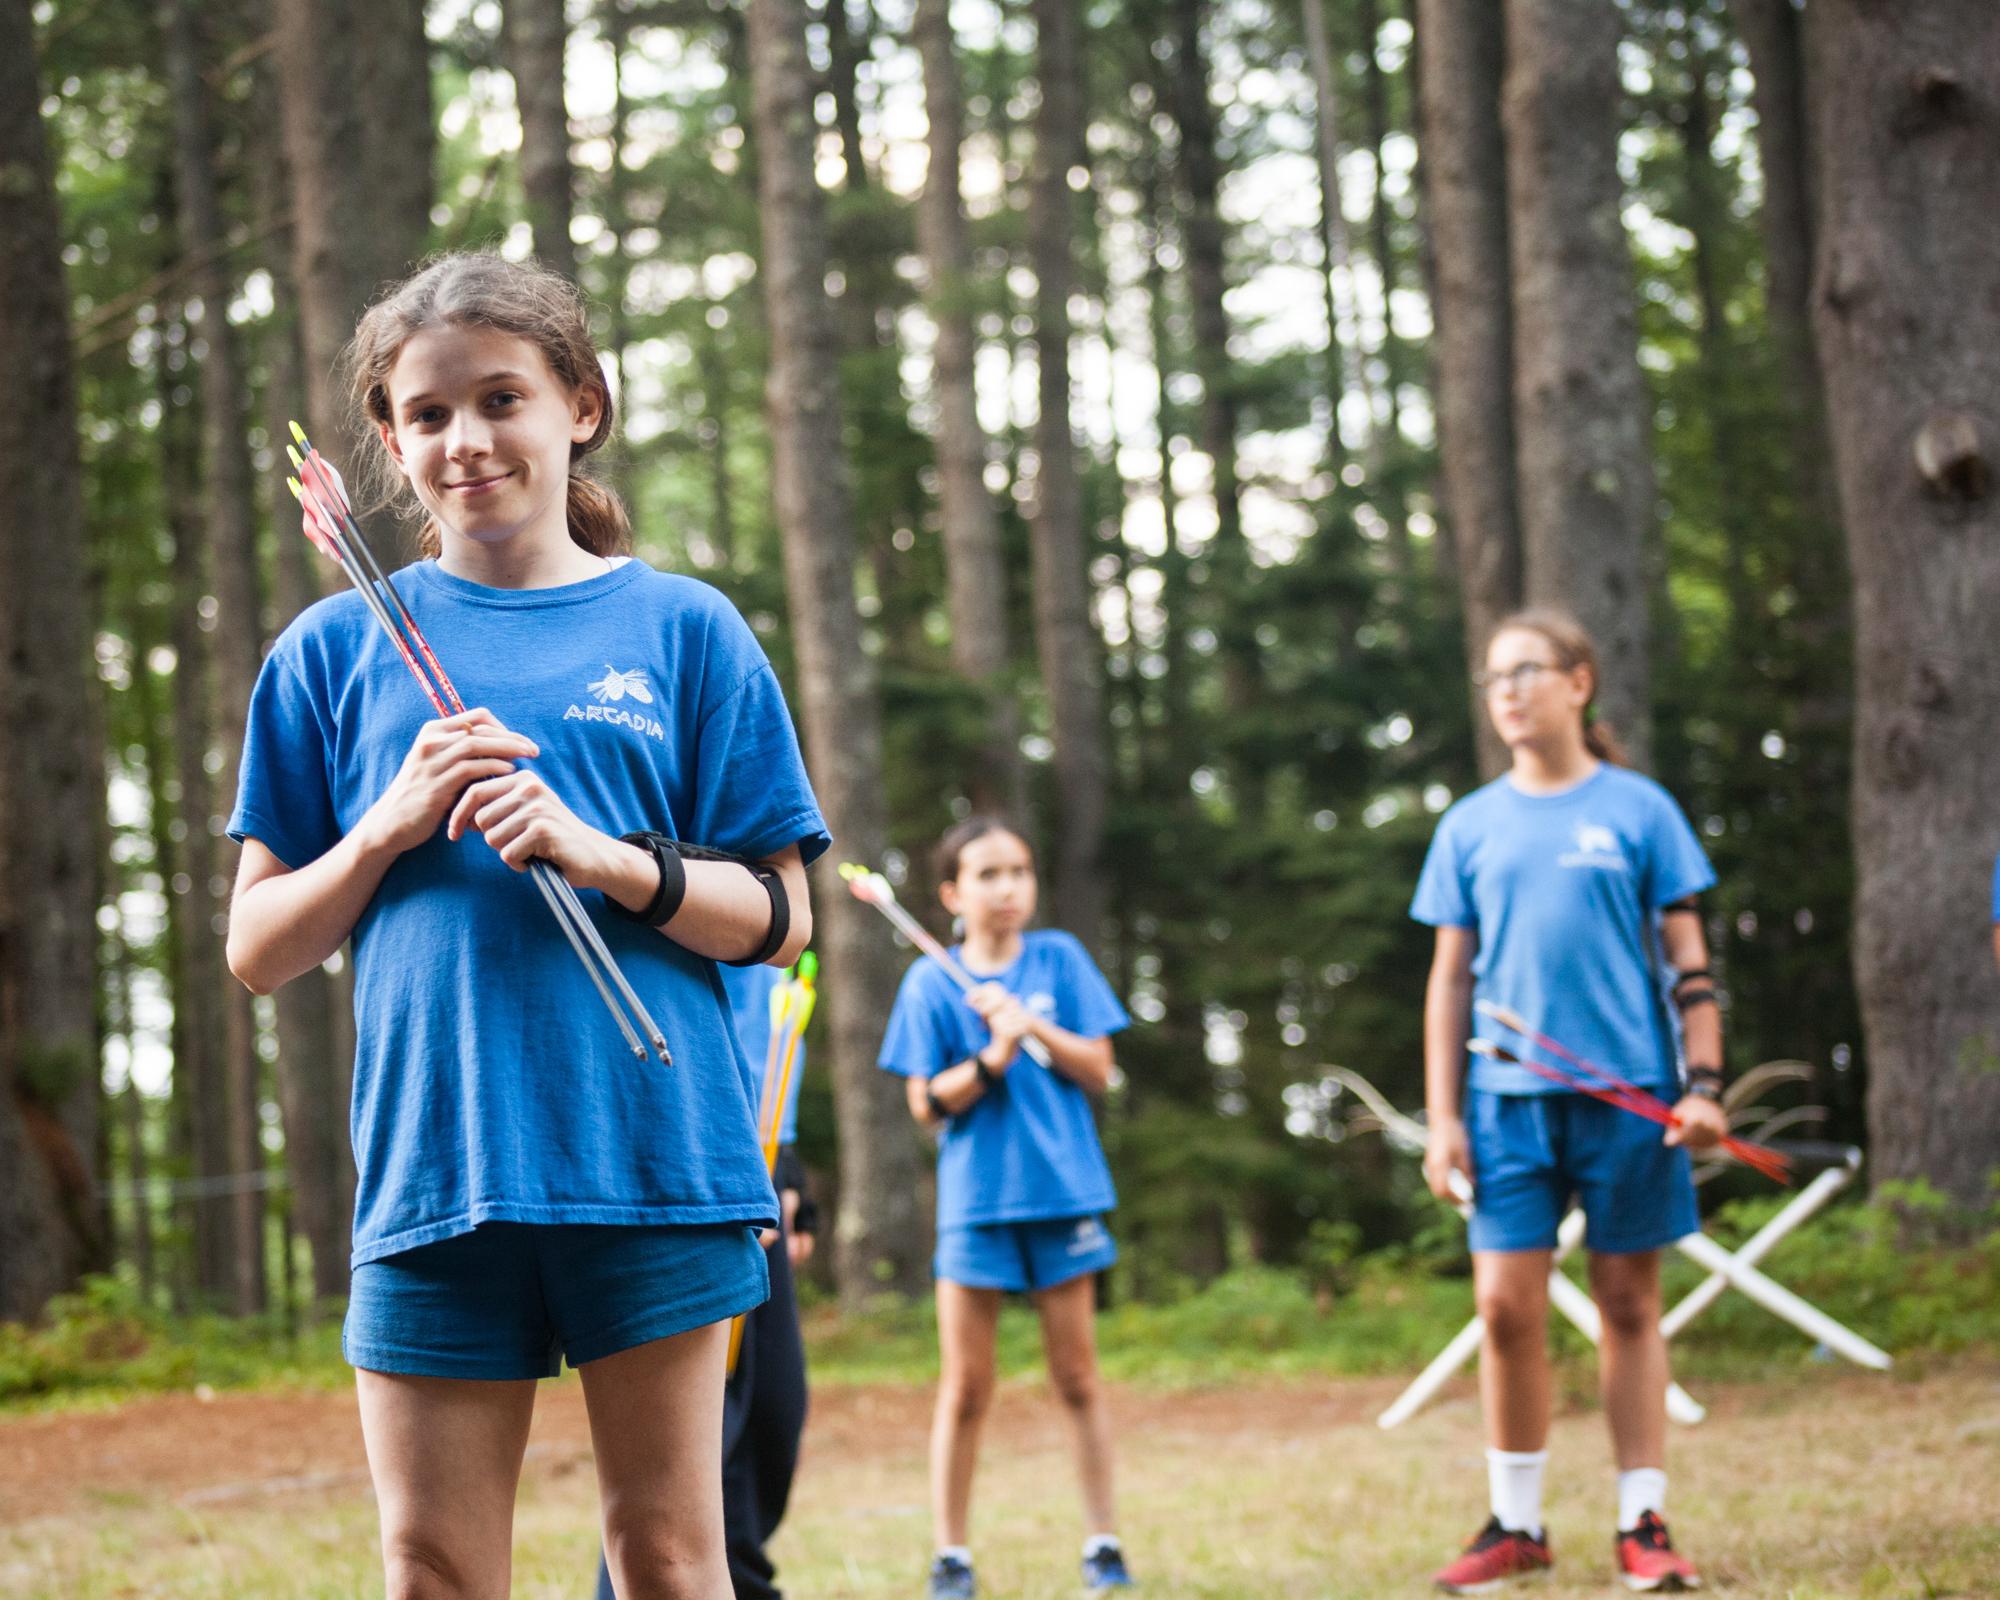 Archery At Arcadia